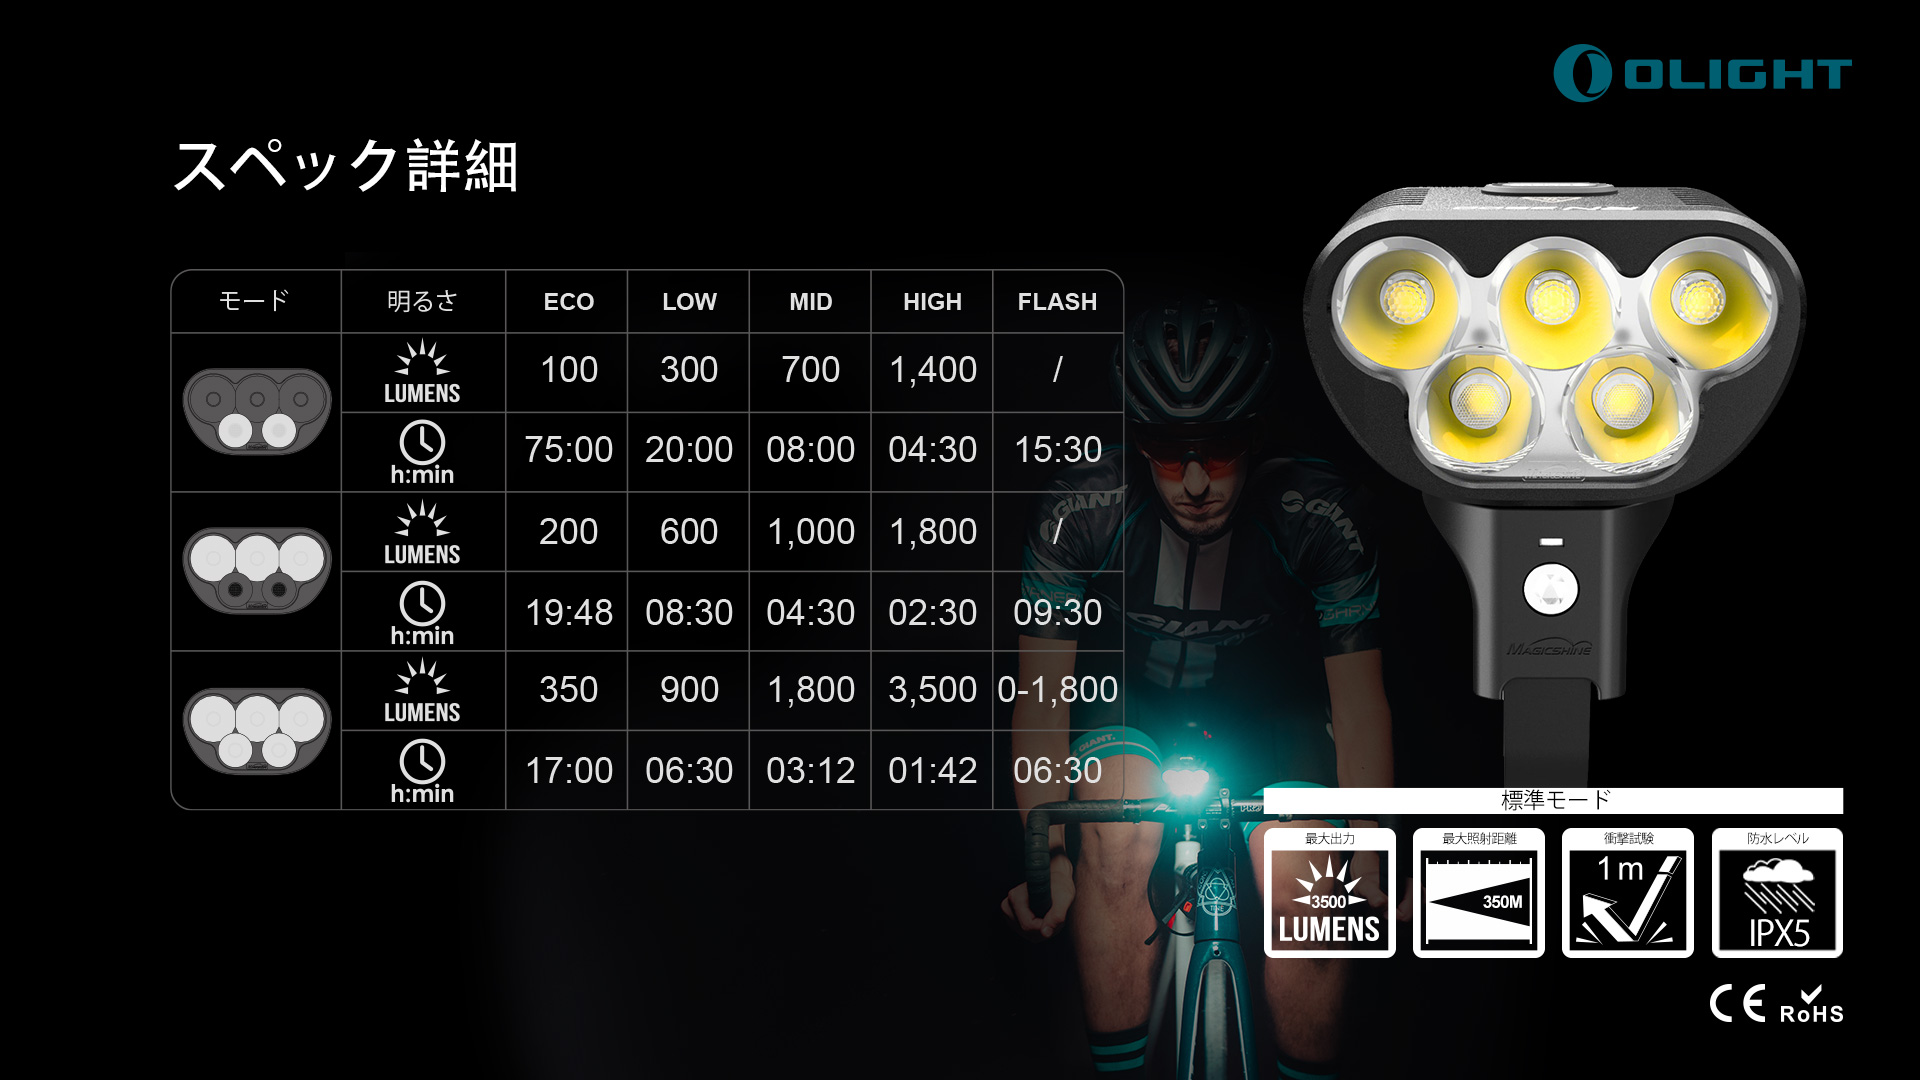 RN3500は5つの照明モードをサポートしています。